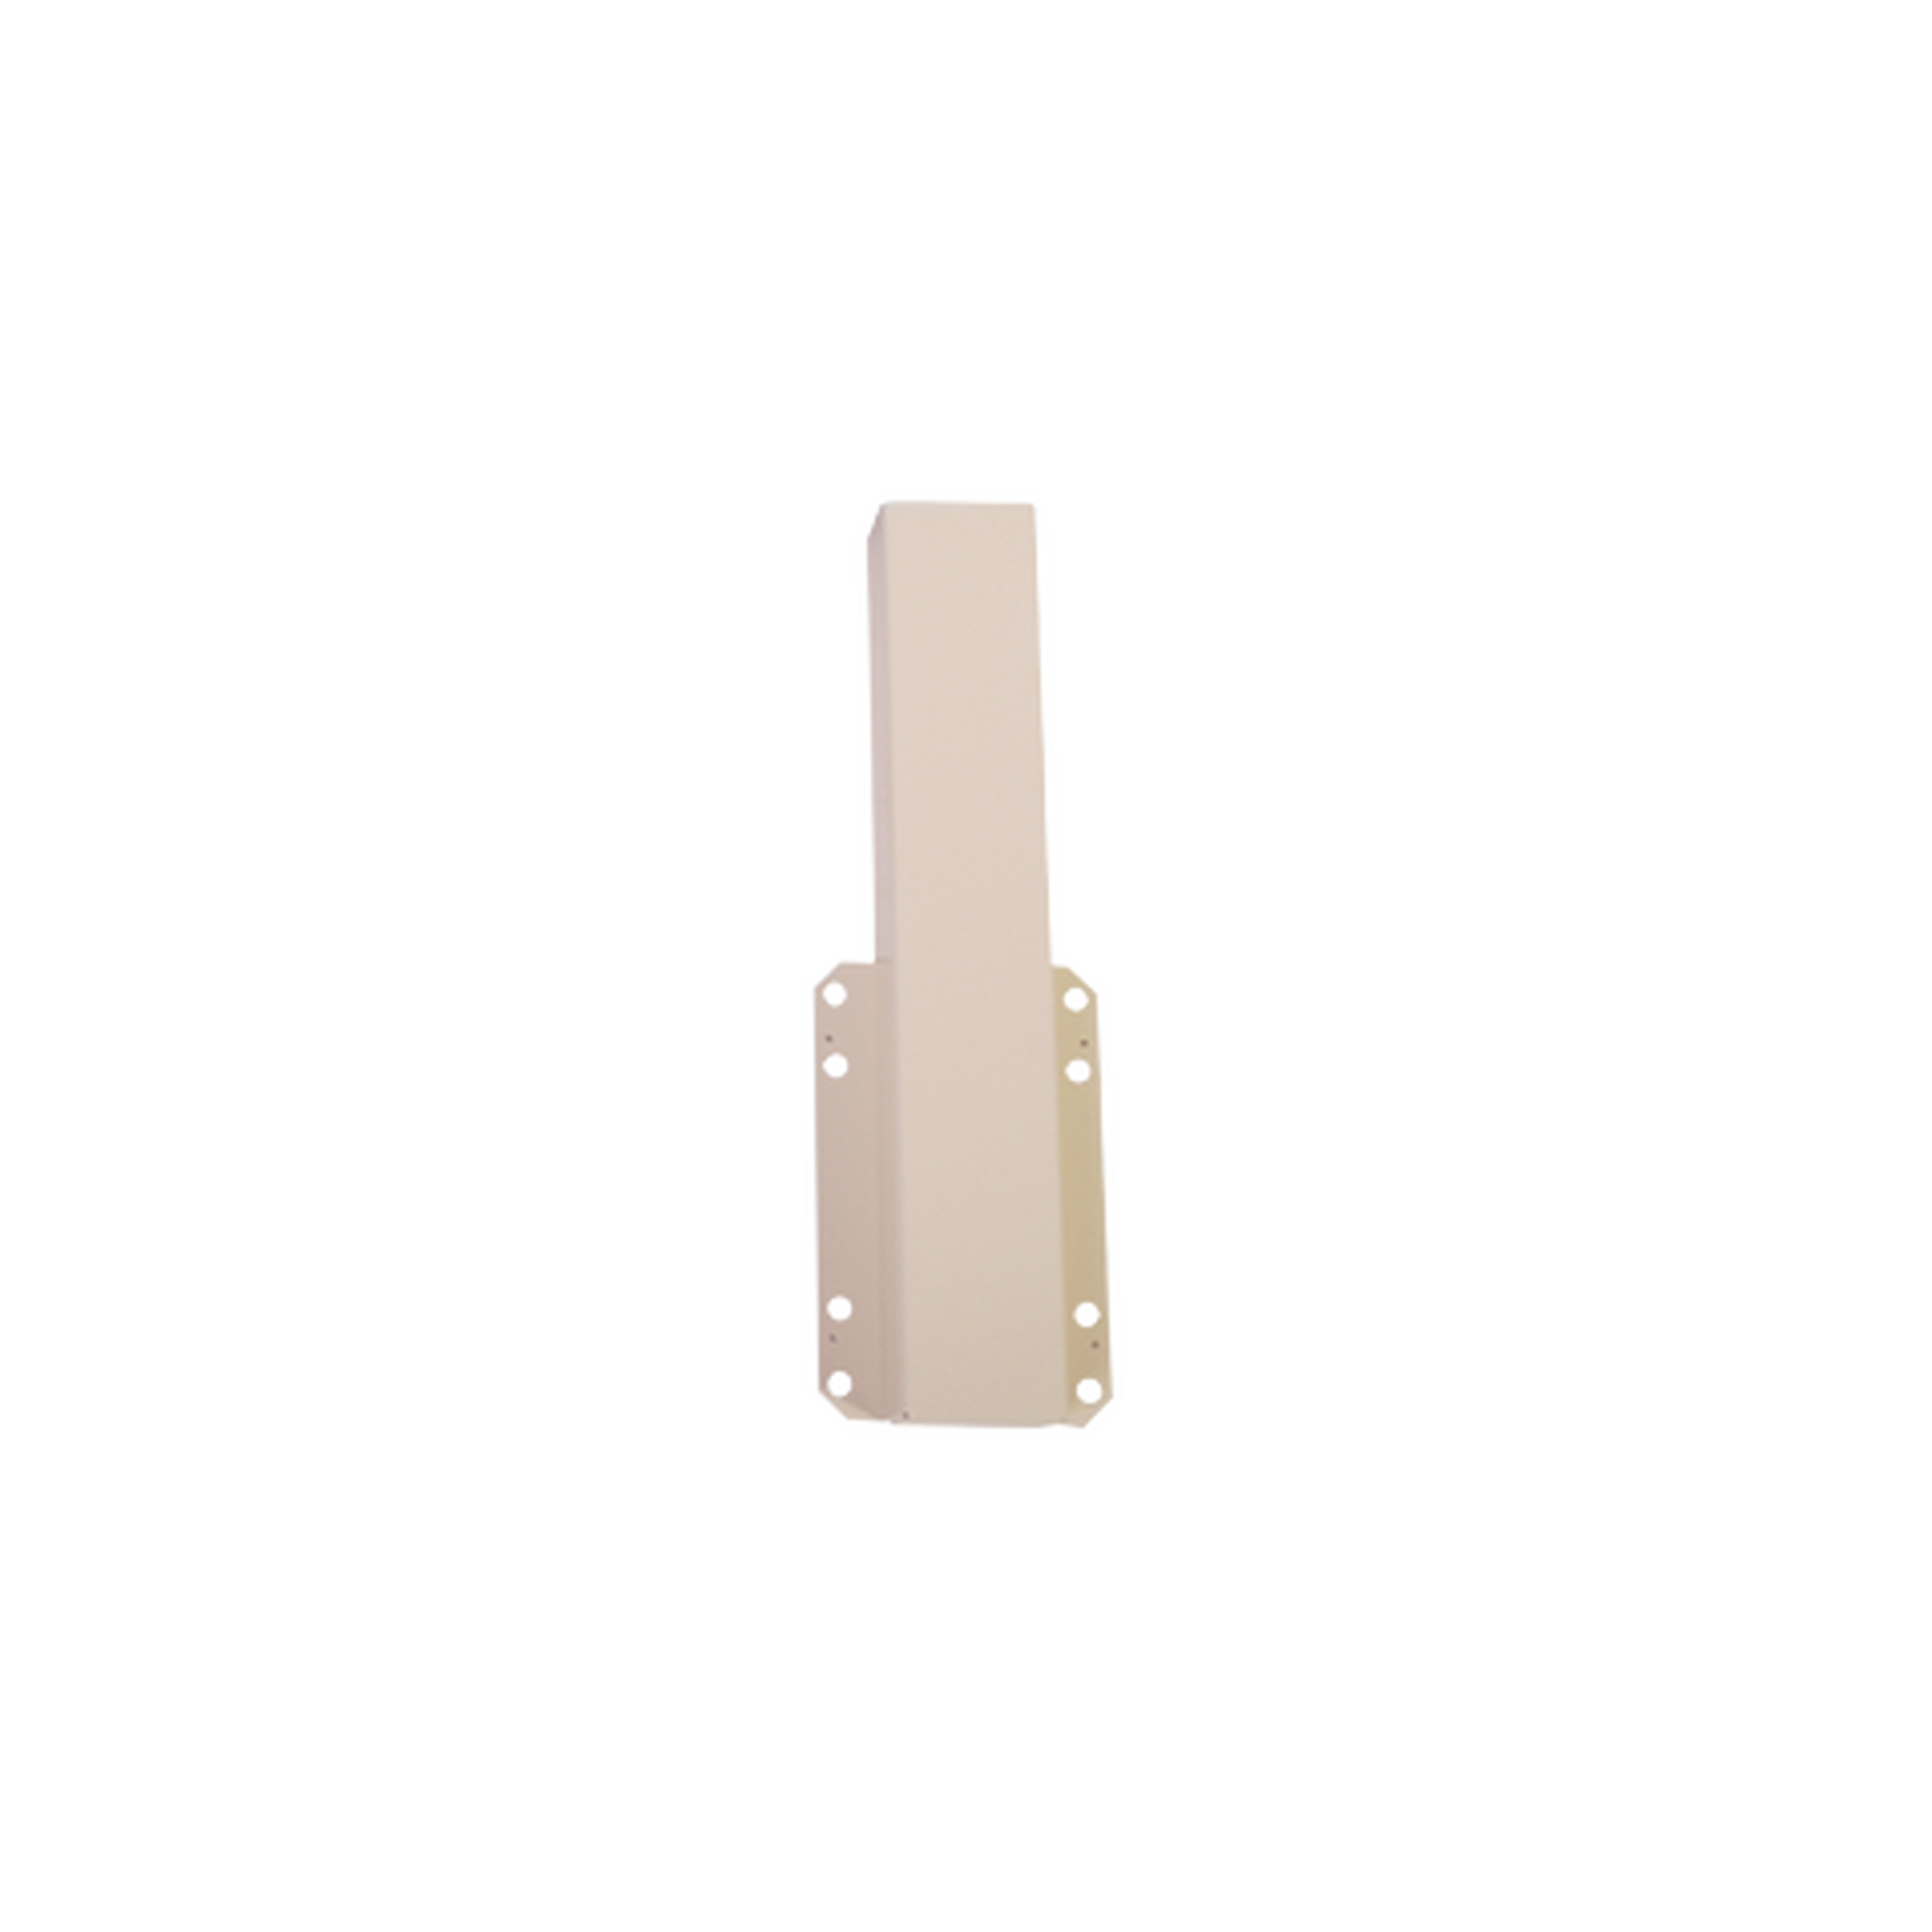 Enganche para mástil 009MXARM001 con barrera GARD4 (001G4140Z / G3750) / 8 orificios para tornillería / SOPCAM